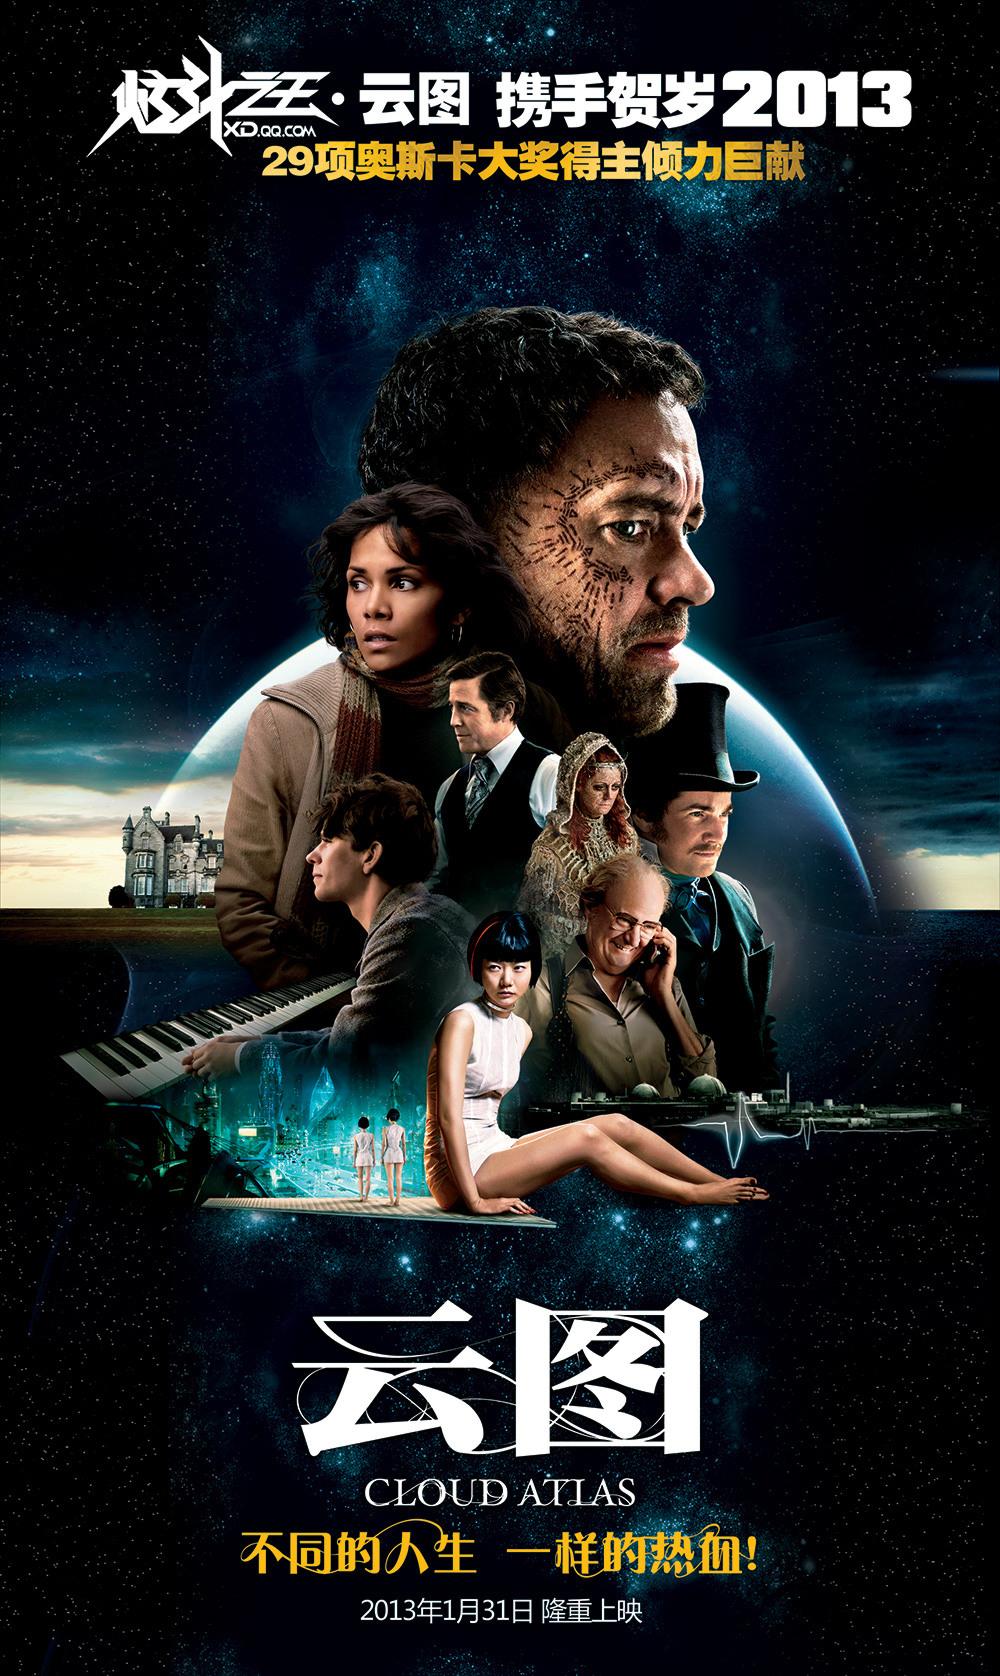 贺岁电影_《炫斗之王》携手电影《云图》贺岁2013 今日全国上映